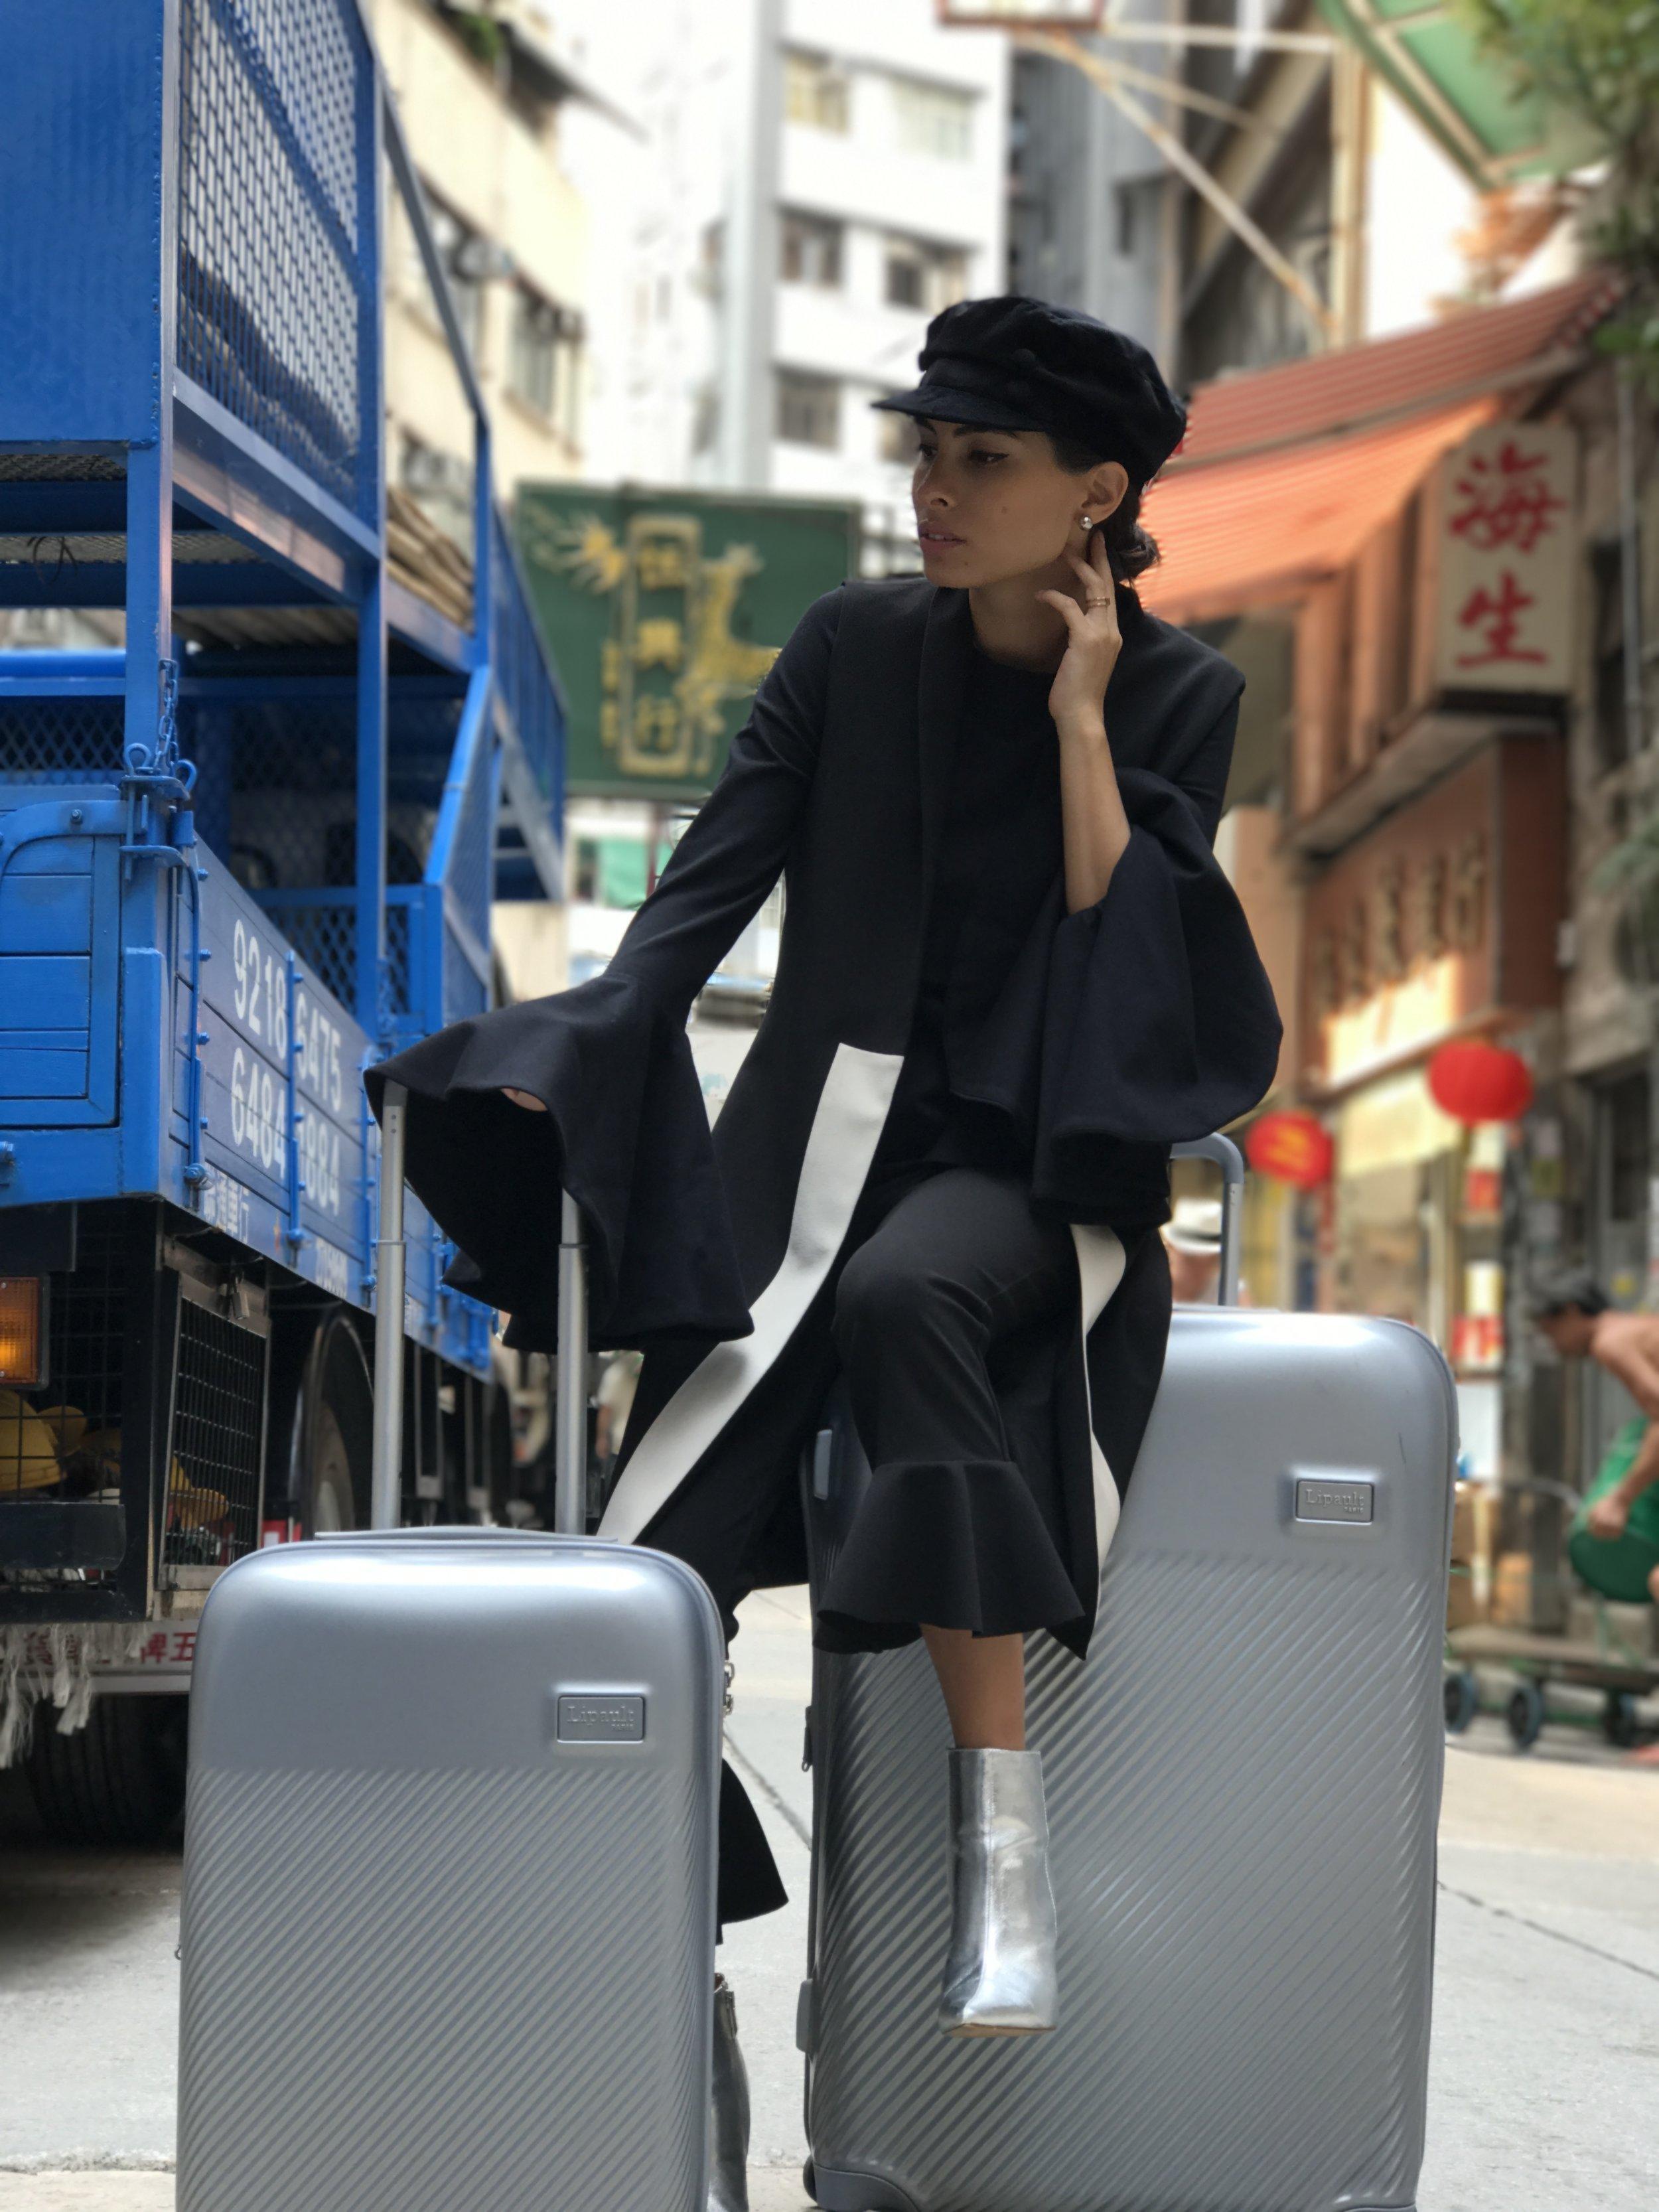 Juego de maletas Lipault Plume plateadas, en las calles de Hong Kong.